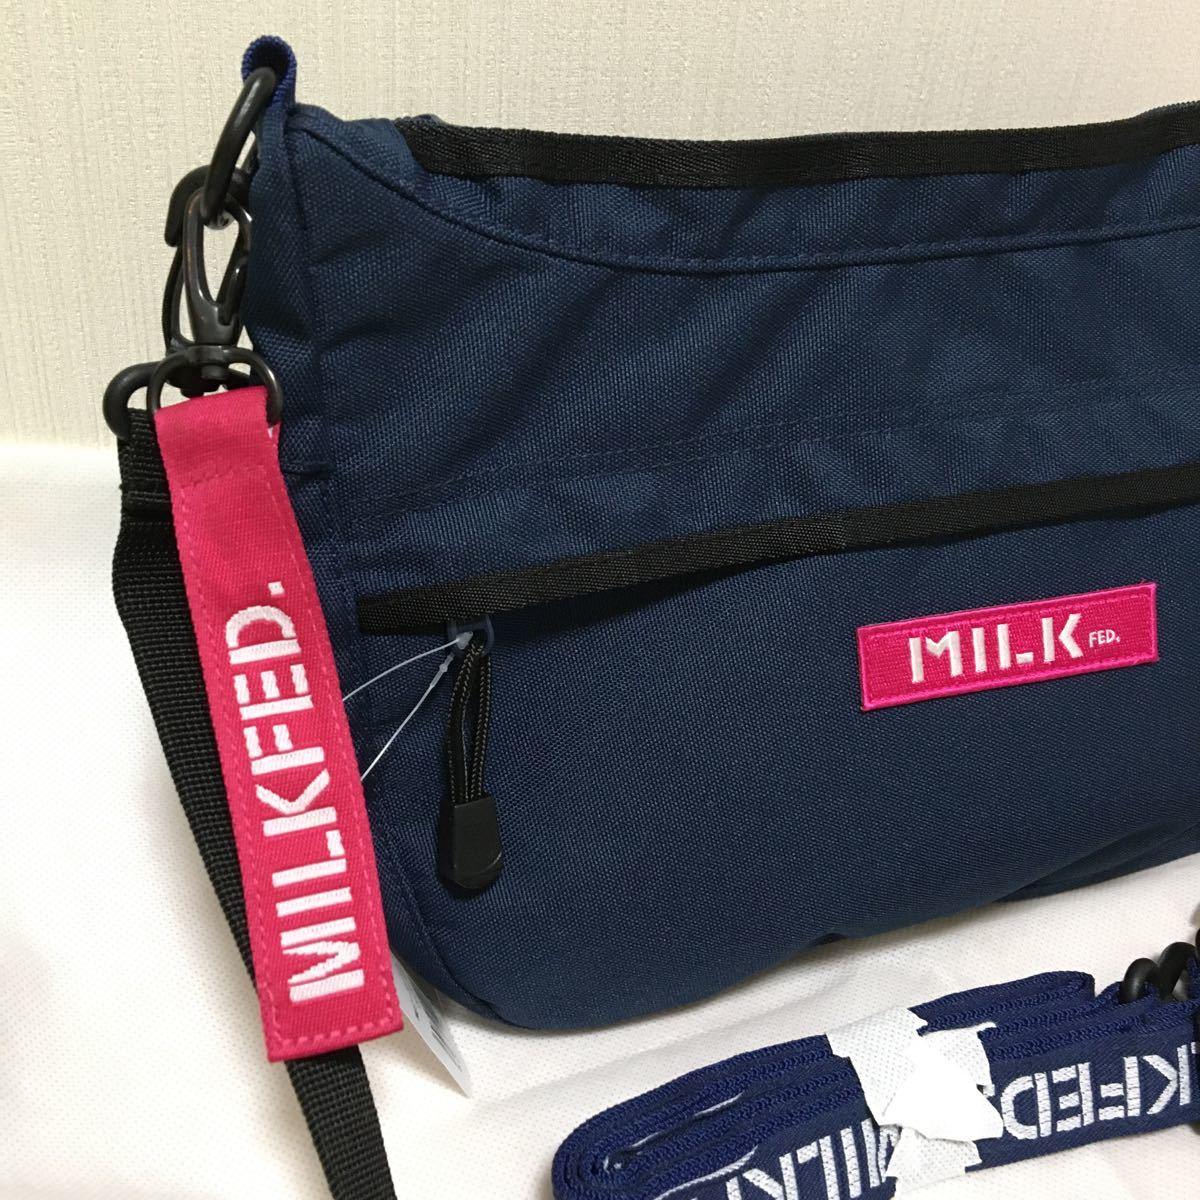 milkfed ミルクフェド ショルダーバッグ ネイビー